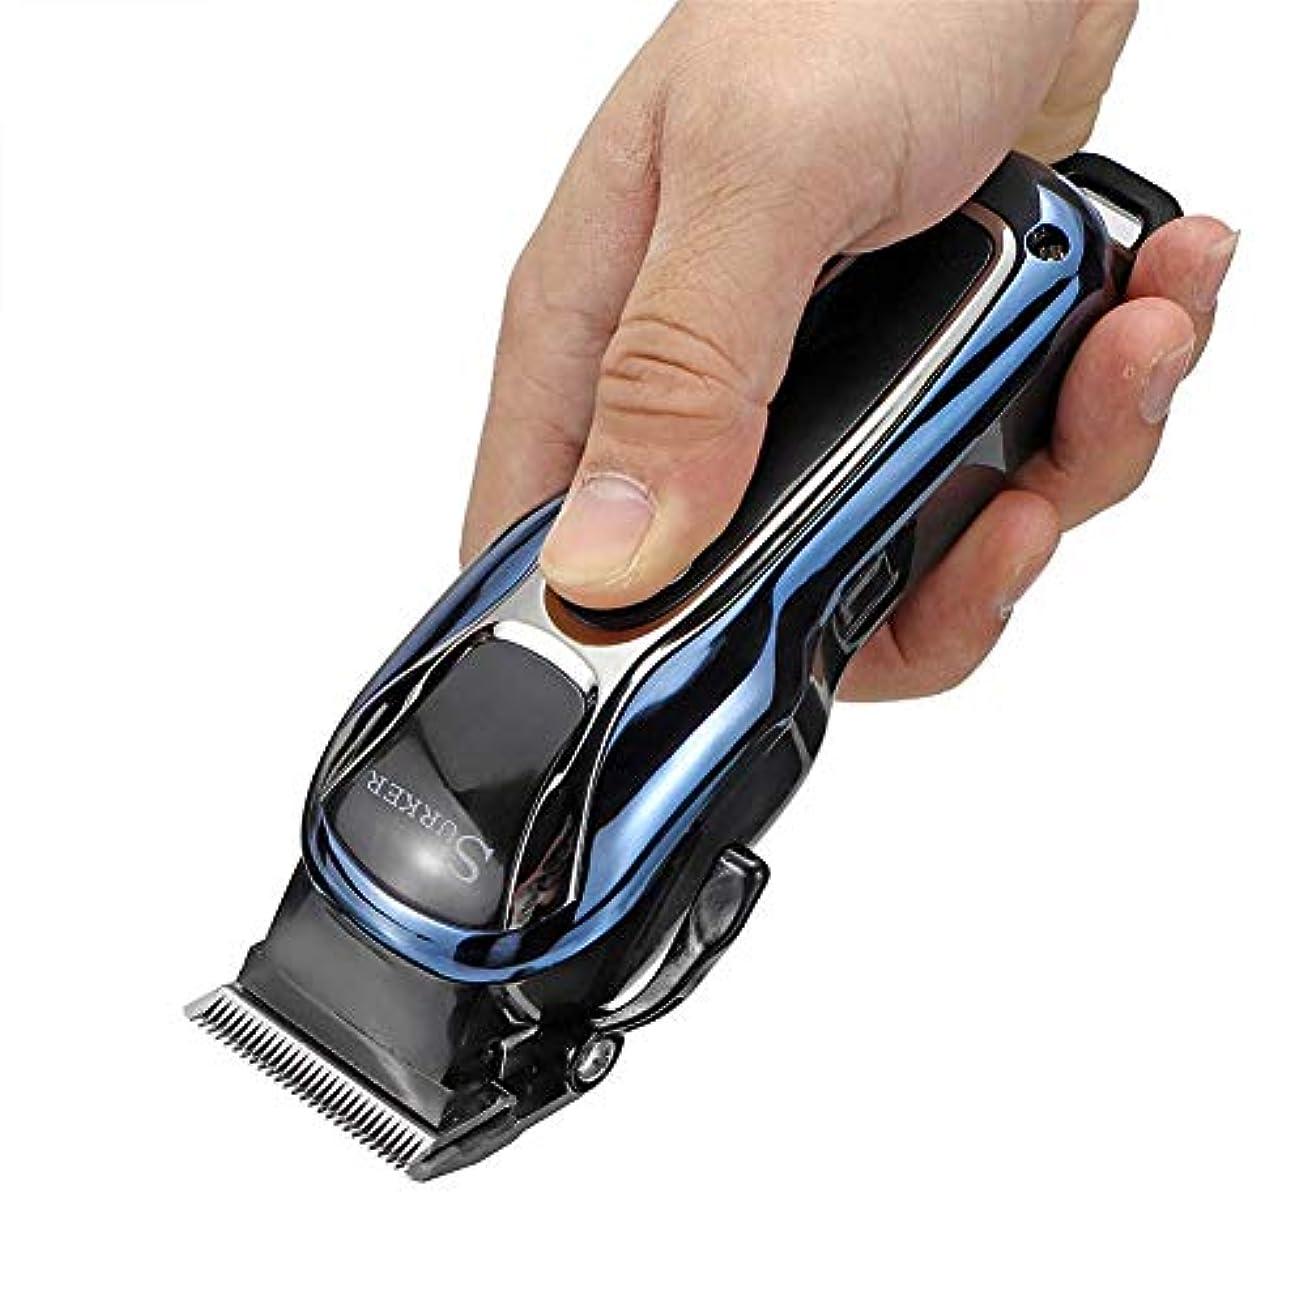 エッセンスキルス小間バリカンプロフェッショナル液晶ヘアカッターヘアトリマー充電式メンズコードレス電気シェーバー髭剃りカミソリヘアカット機